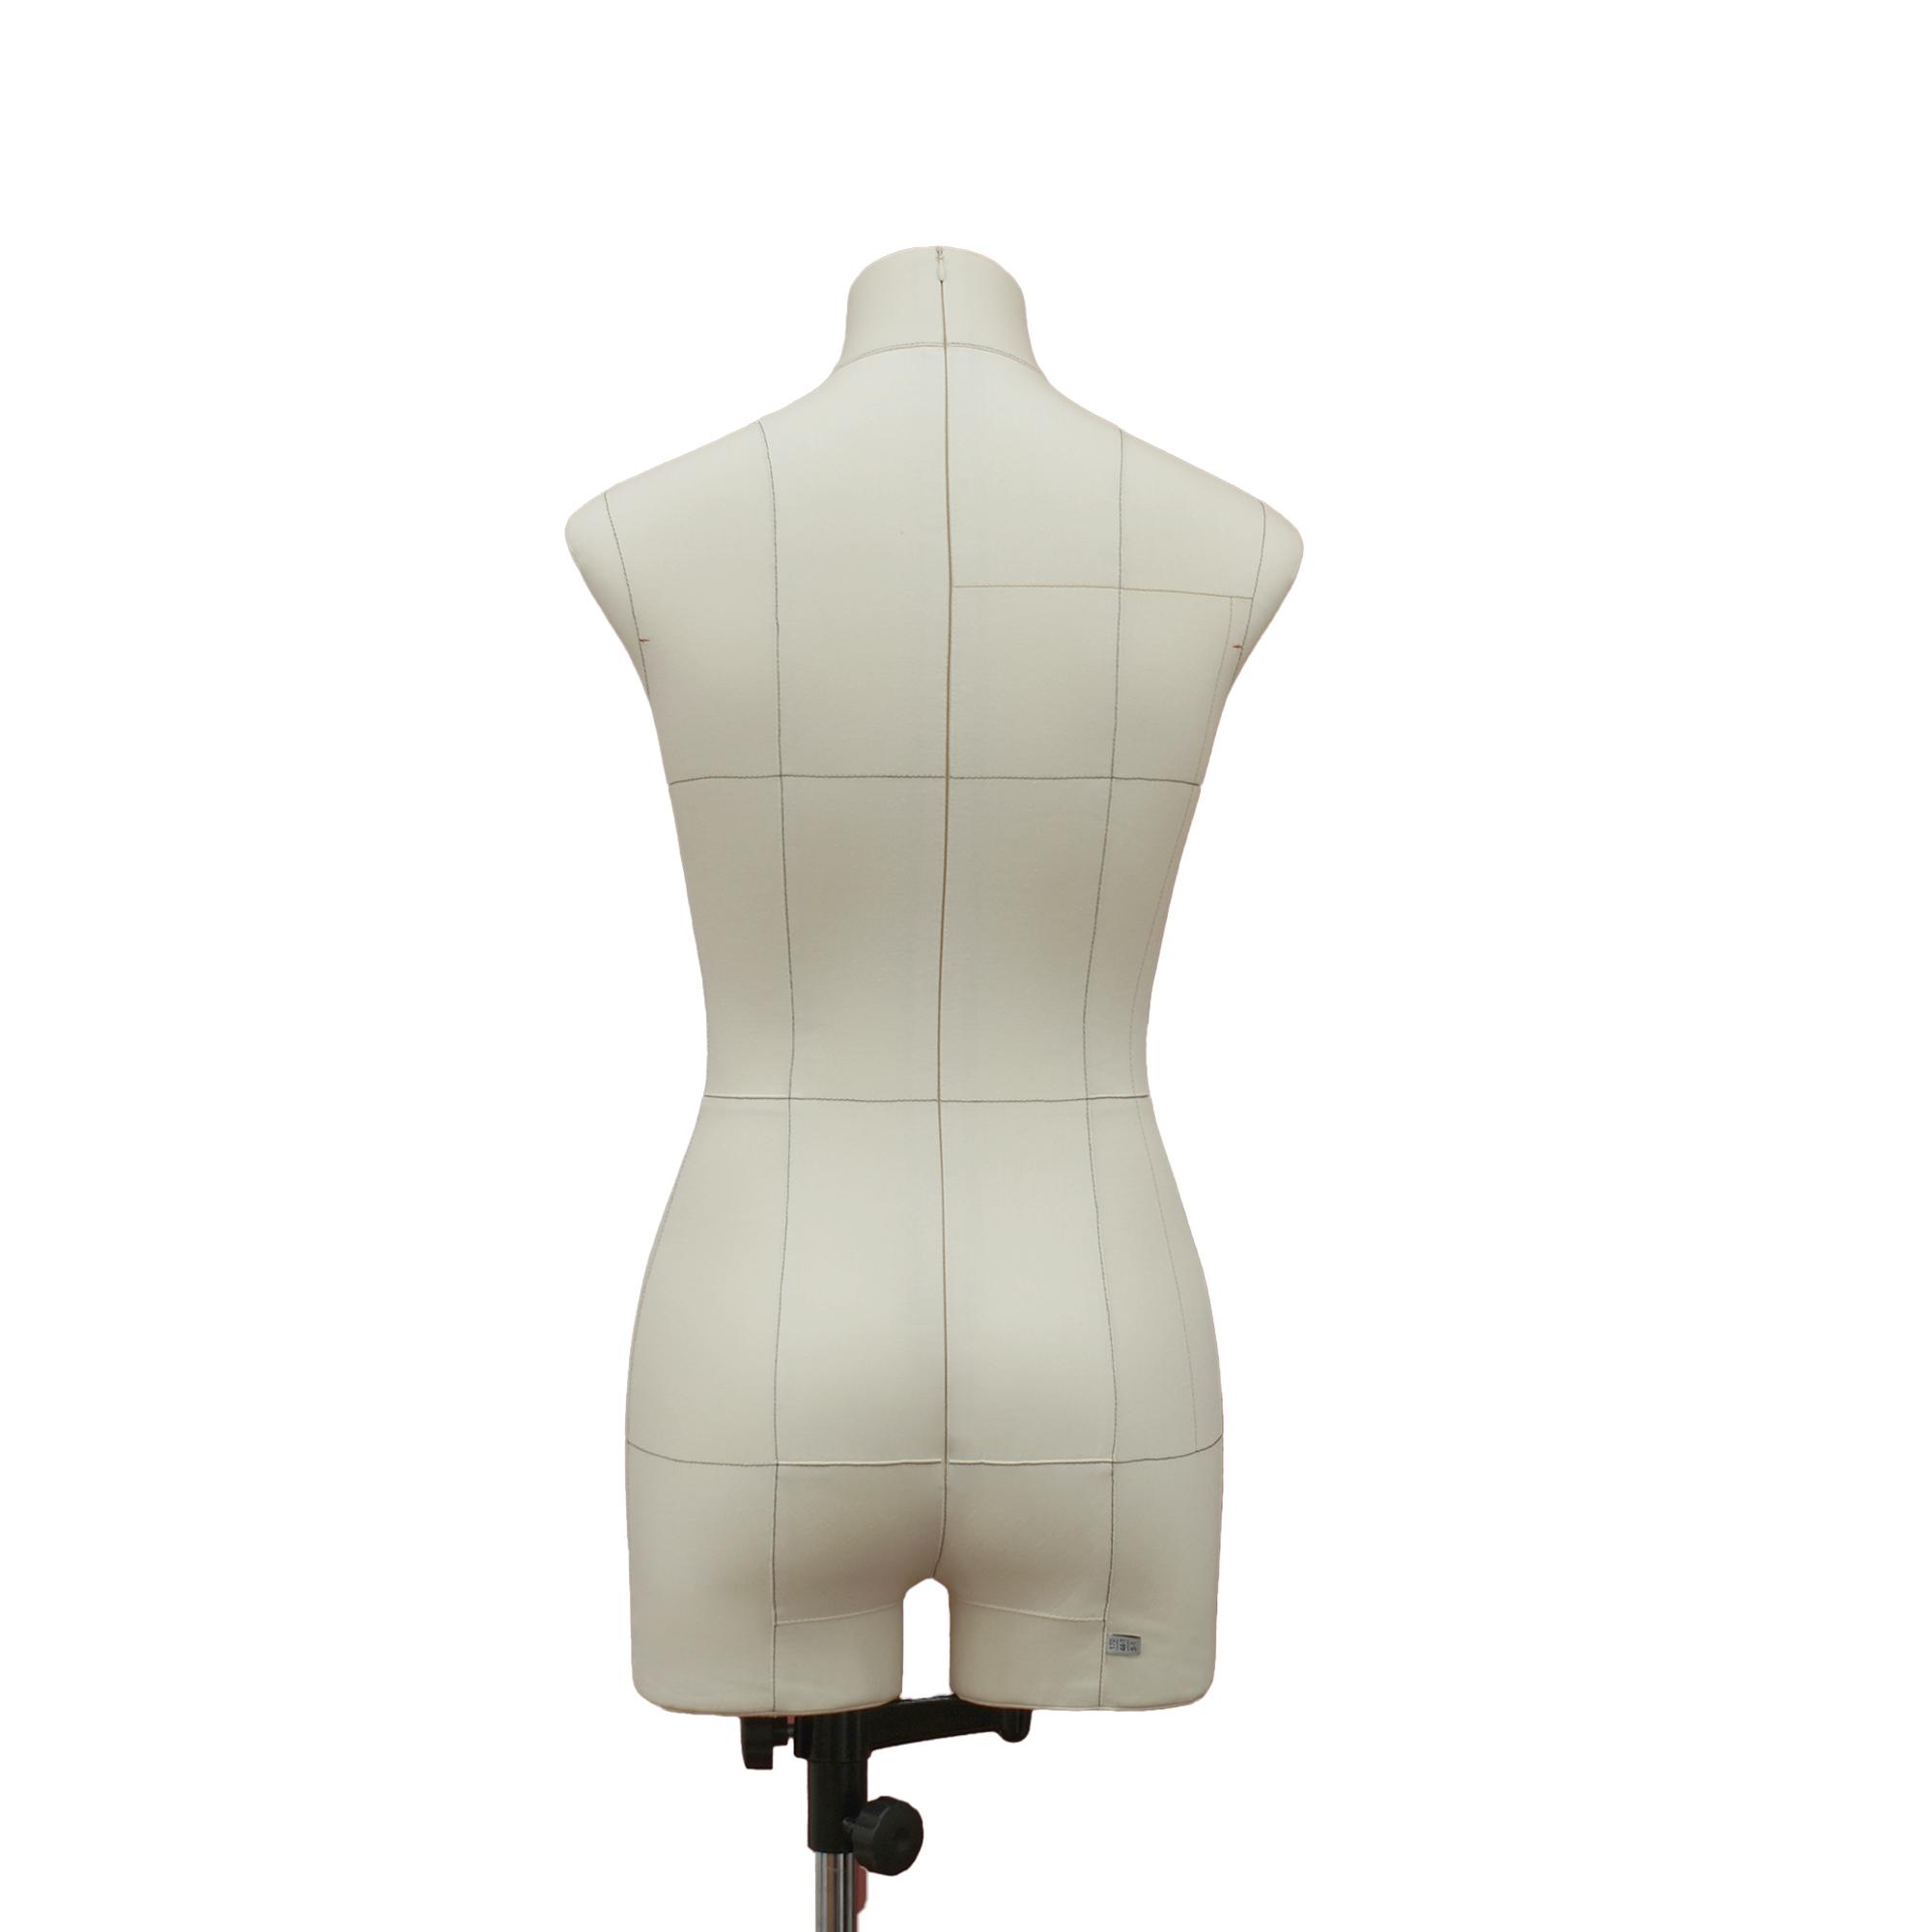 Манекен портновский Моника, комплект Премиум, размер 44, тип фигуры Прямоугольник, бежевыйФото 1